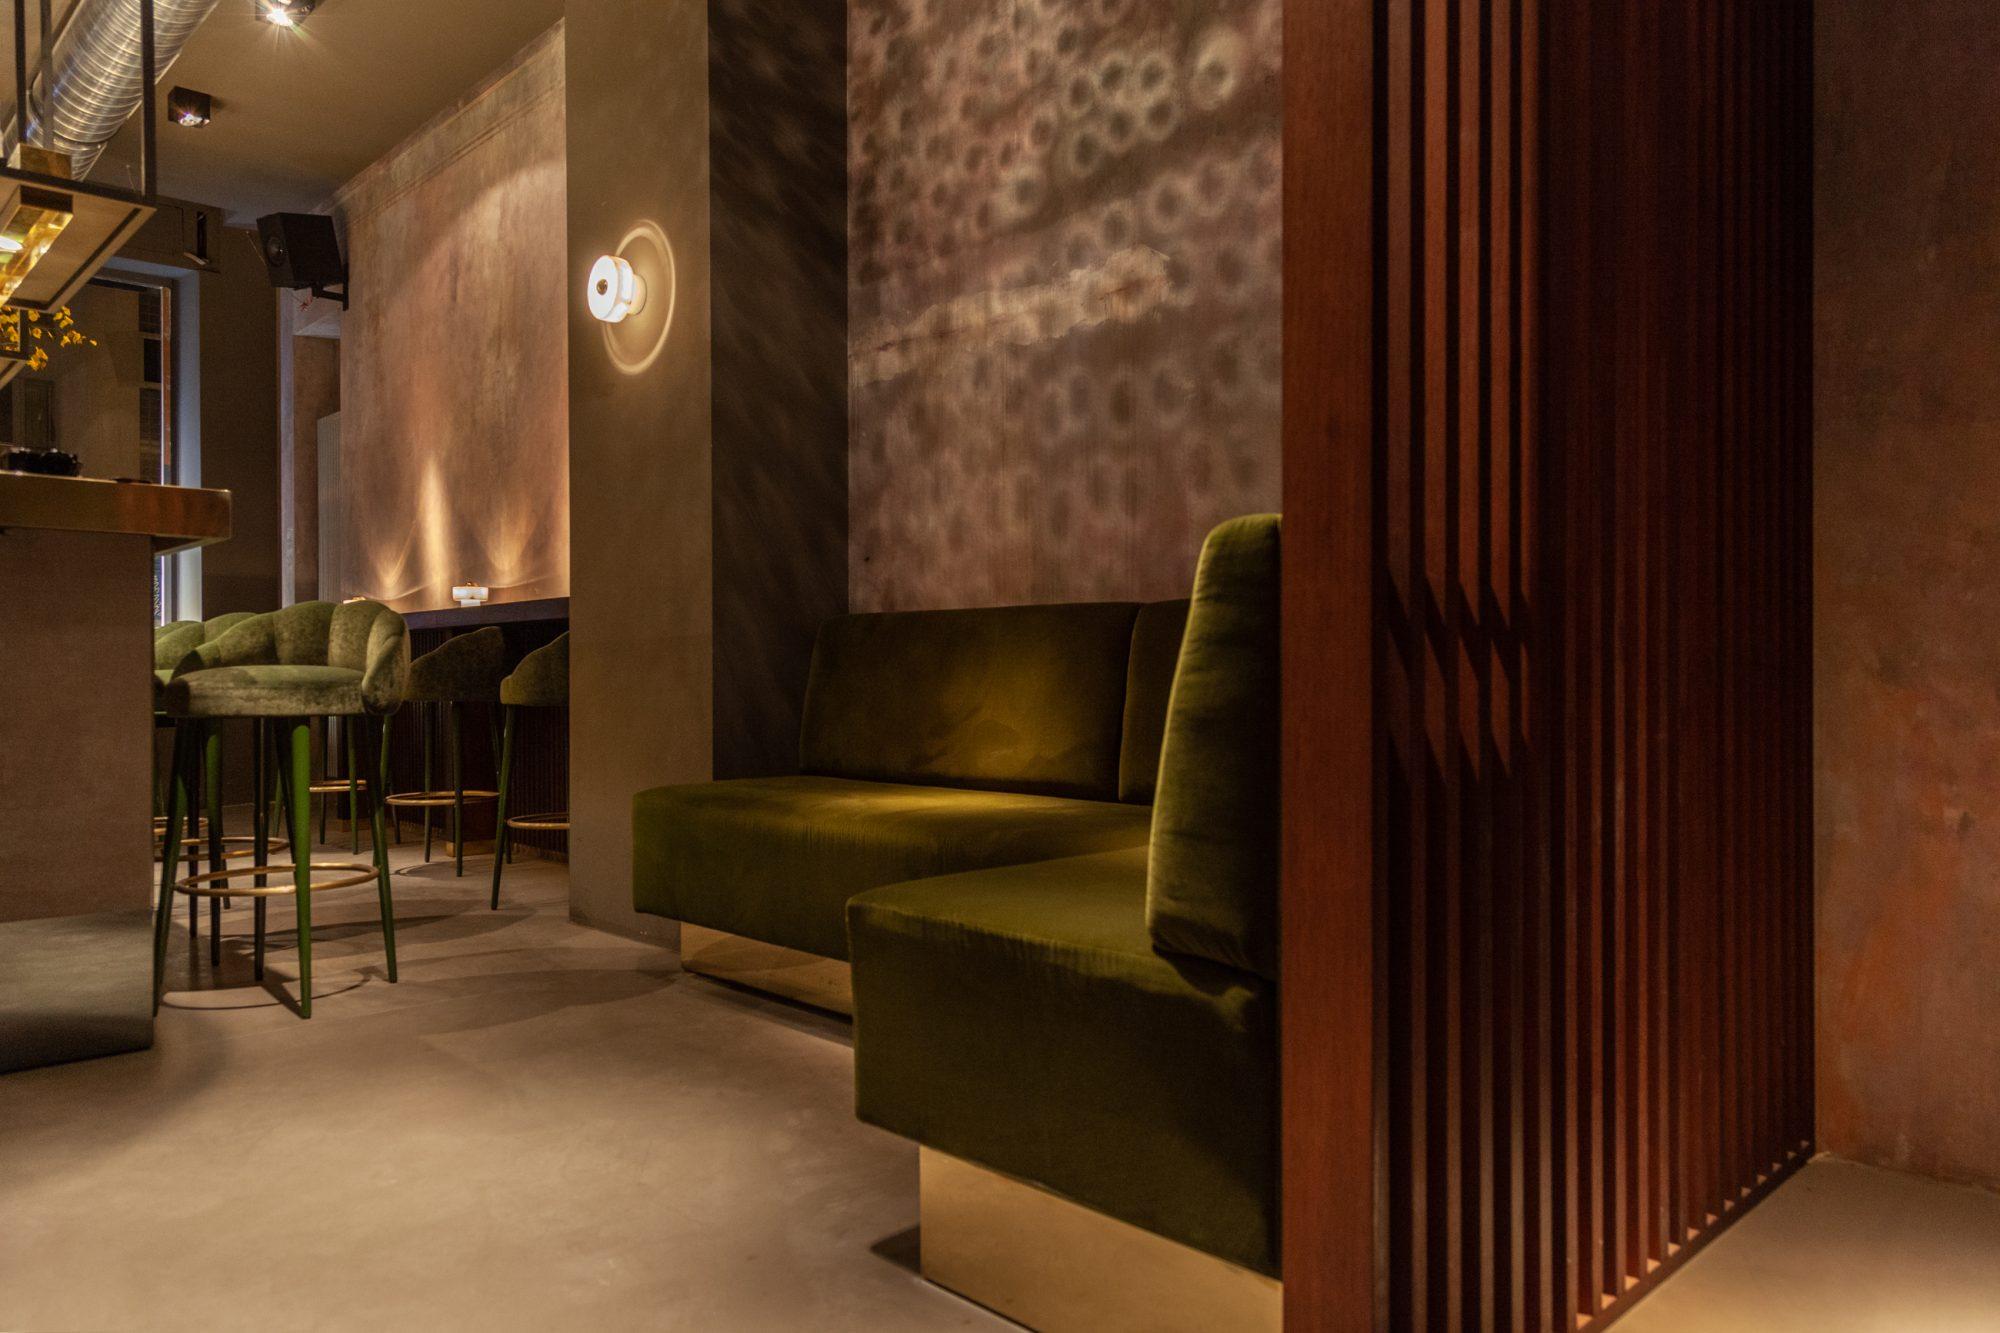 lindholz interior design polsterbank messing samt trennwand